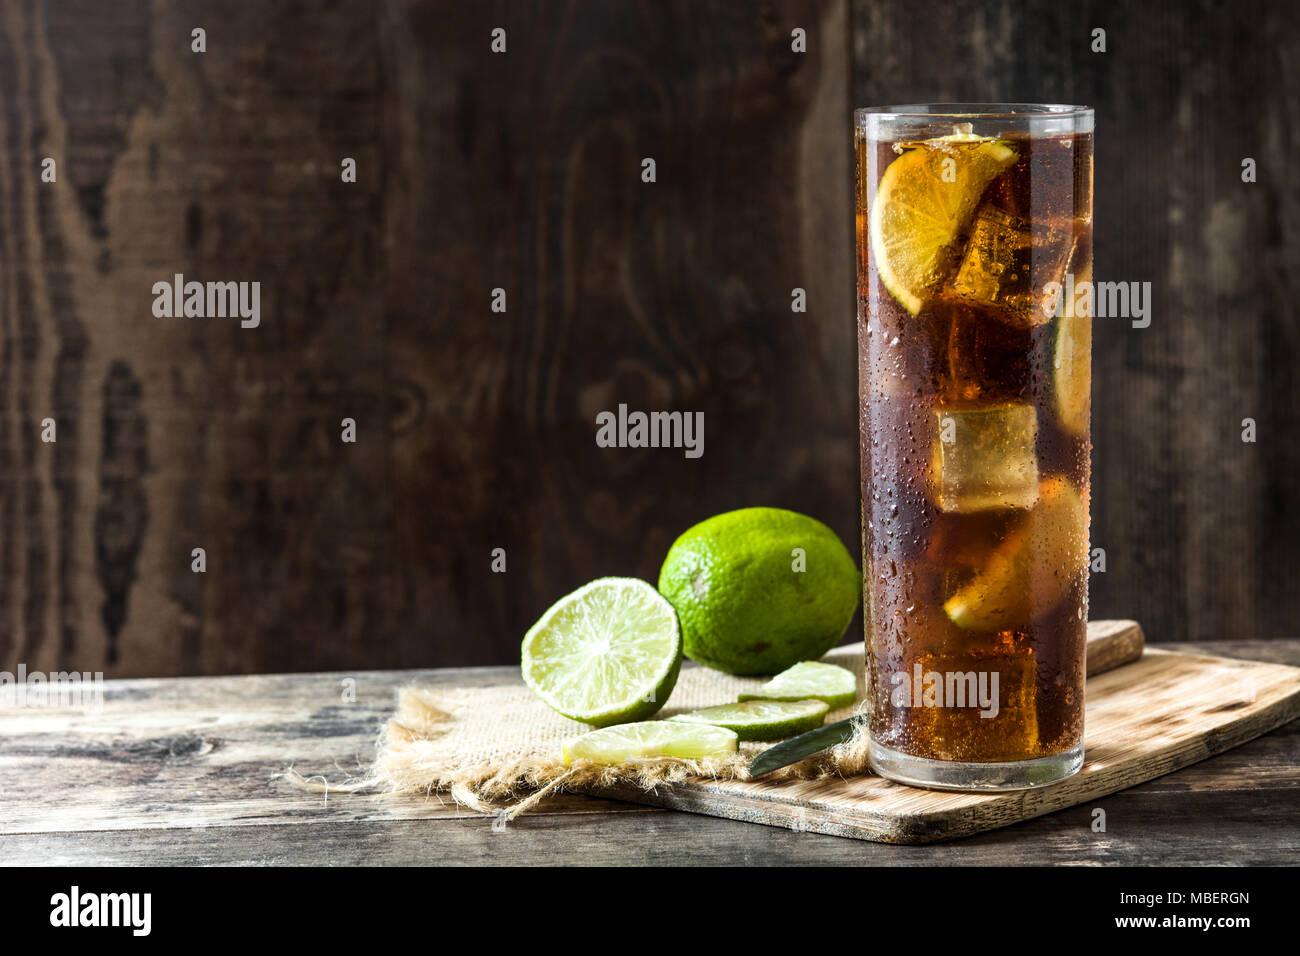 Cuba Libre. Cocktail mit Rum, Limetten und Eis auf Holztisch. Stockbild